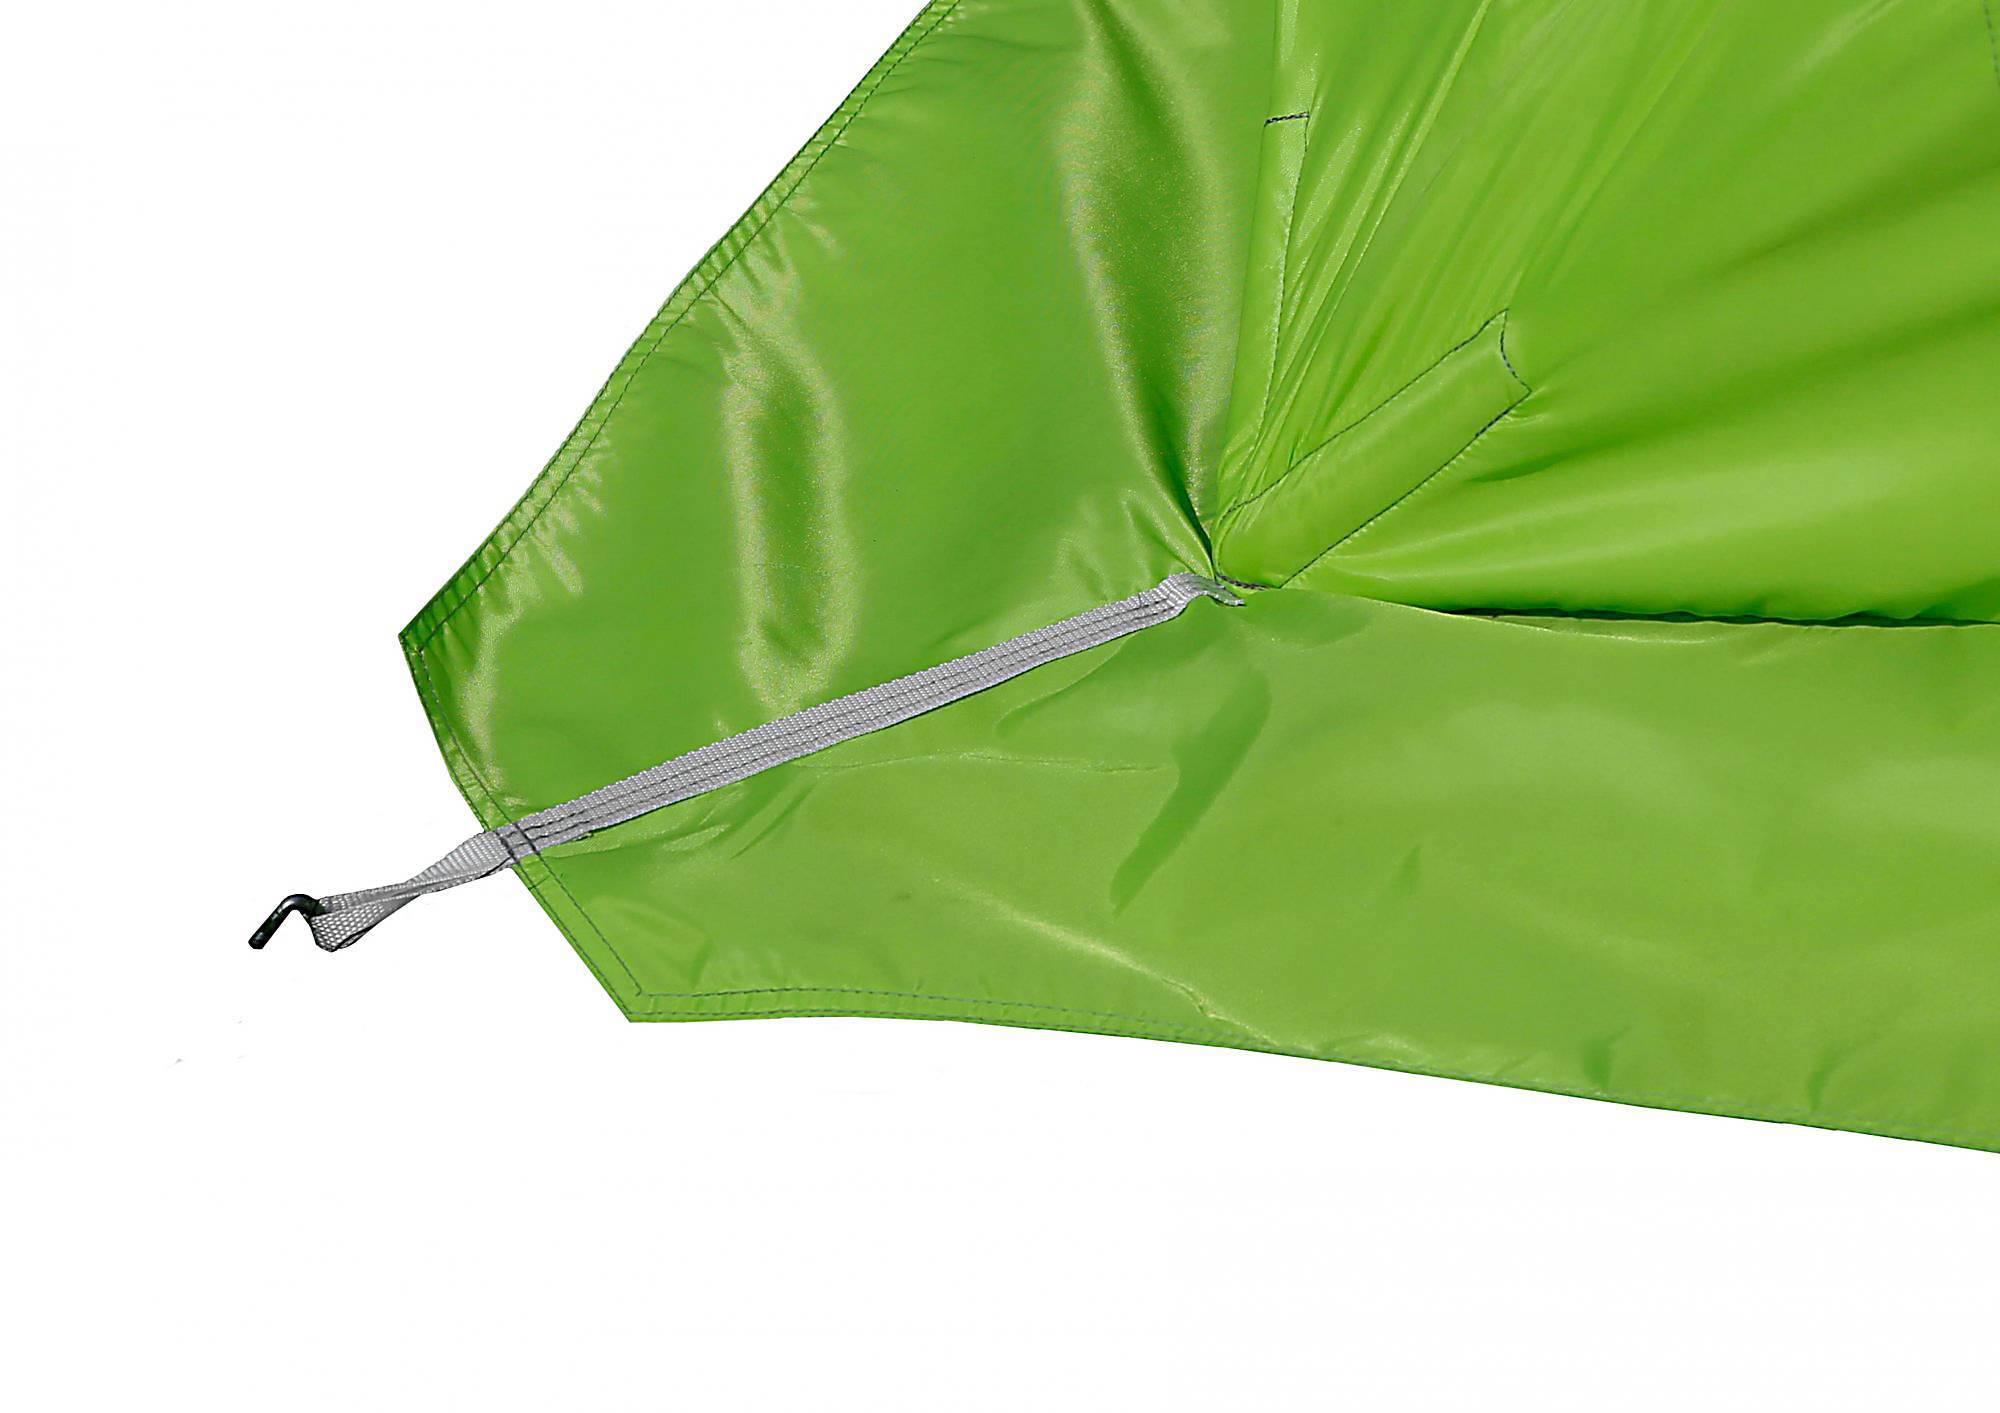 Зимняя палатка лотос (1, 2, 3 и другие), особенности и преимущества моделей для рыбалки: разбираемся детально